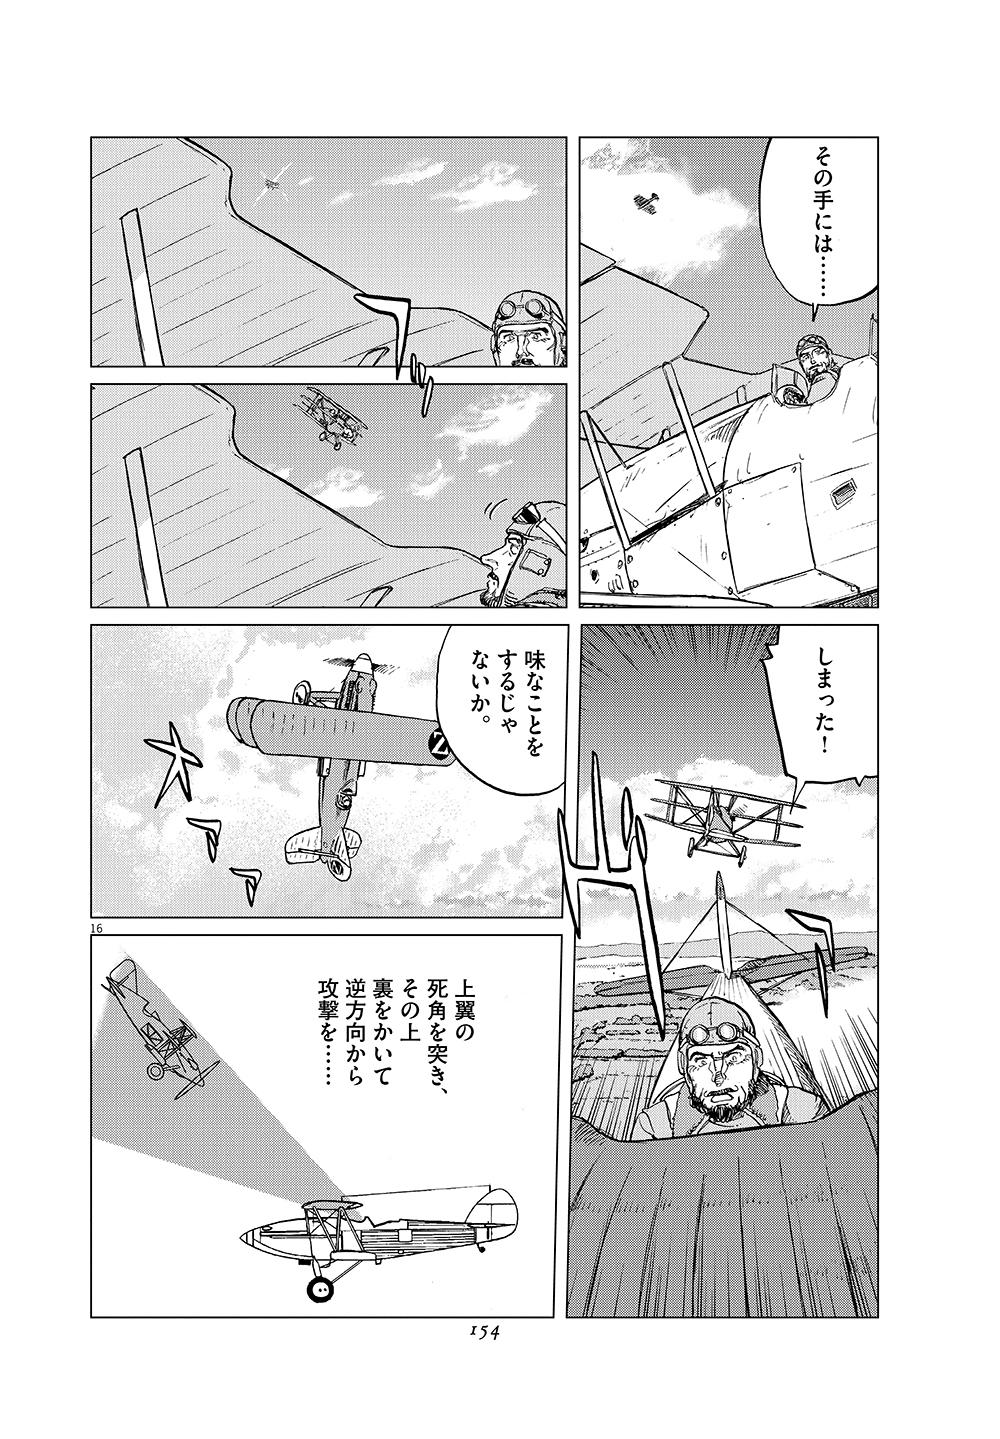 女流飛行士マリア・マンテガッツァの冒険 第十九話16ページ目画像